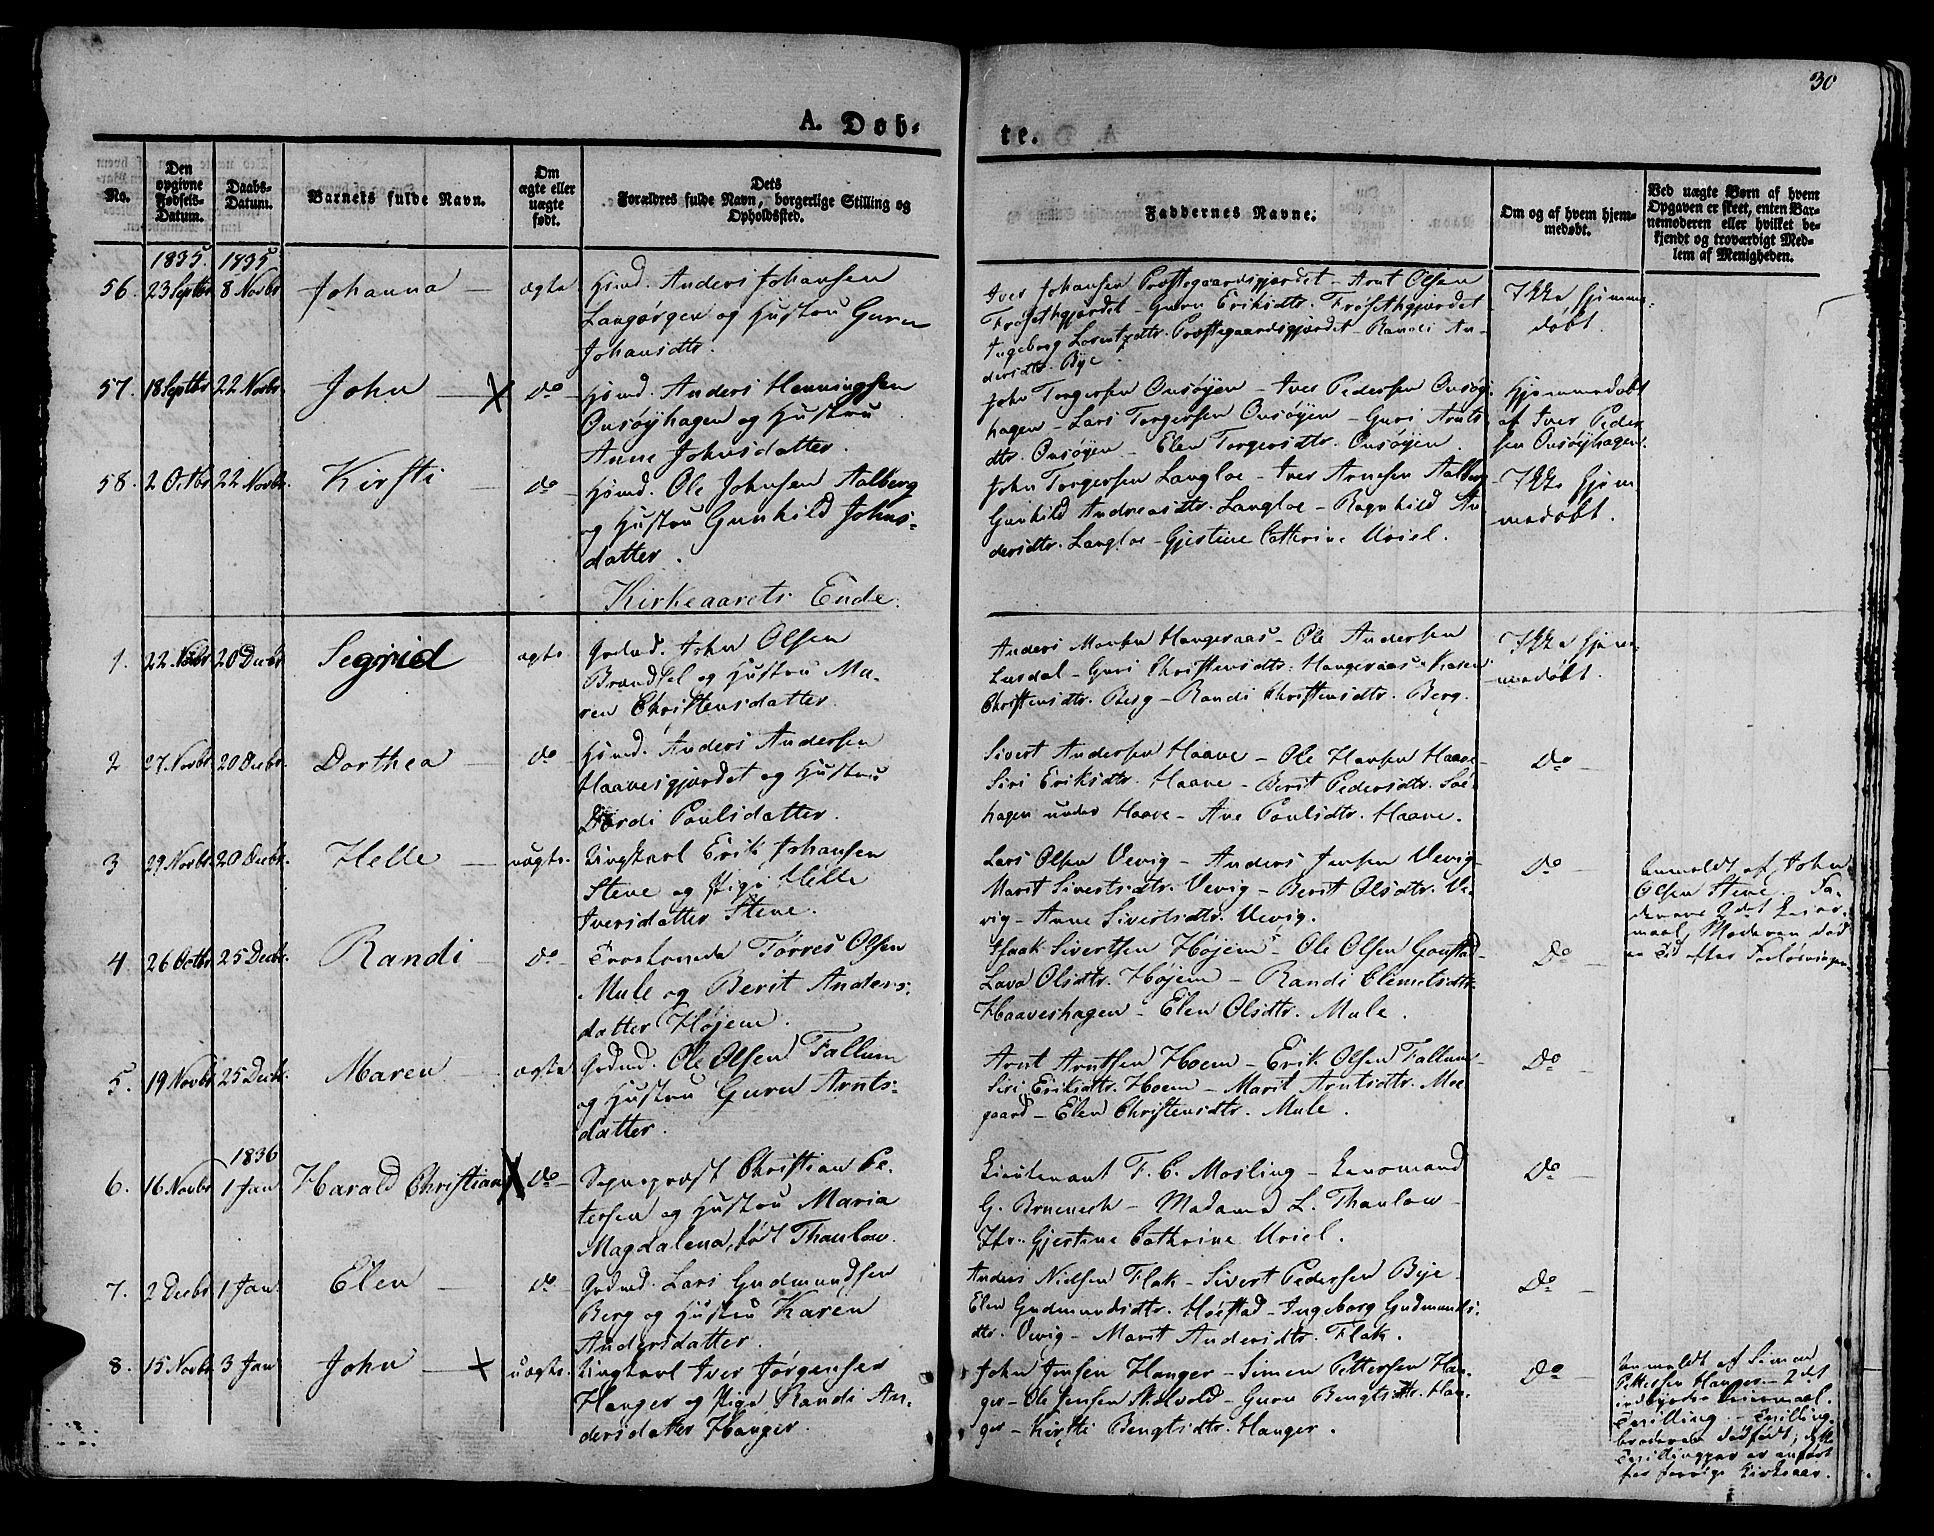 SAT, Ministerialprotokoller, klokkerbøker og fødselsregistre - Sør-Trøndelag, 612/L0374: Ministerialbok nr. 612A07 /1, 1829-1845, s. 30